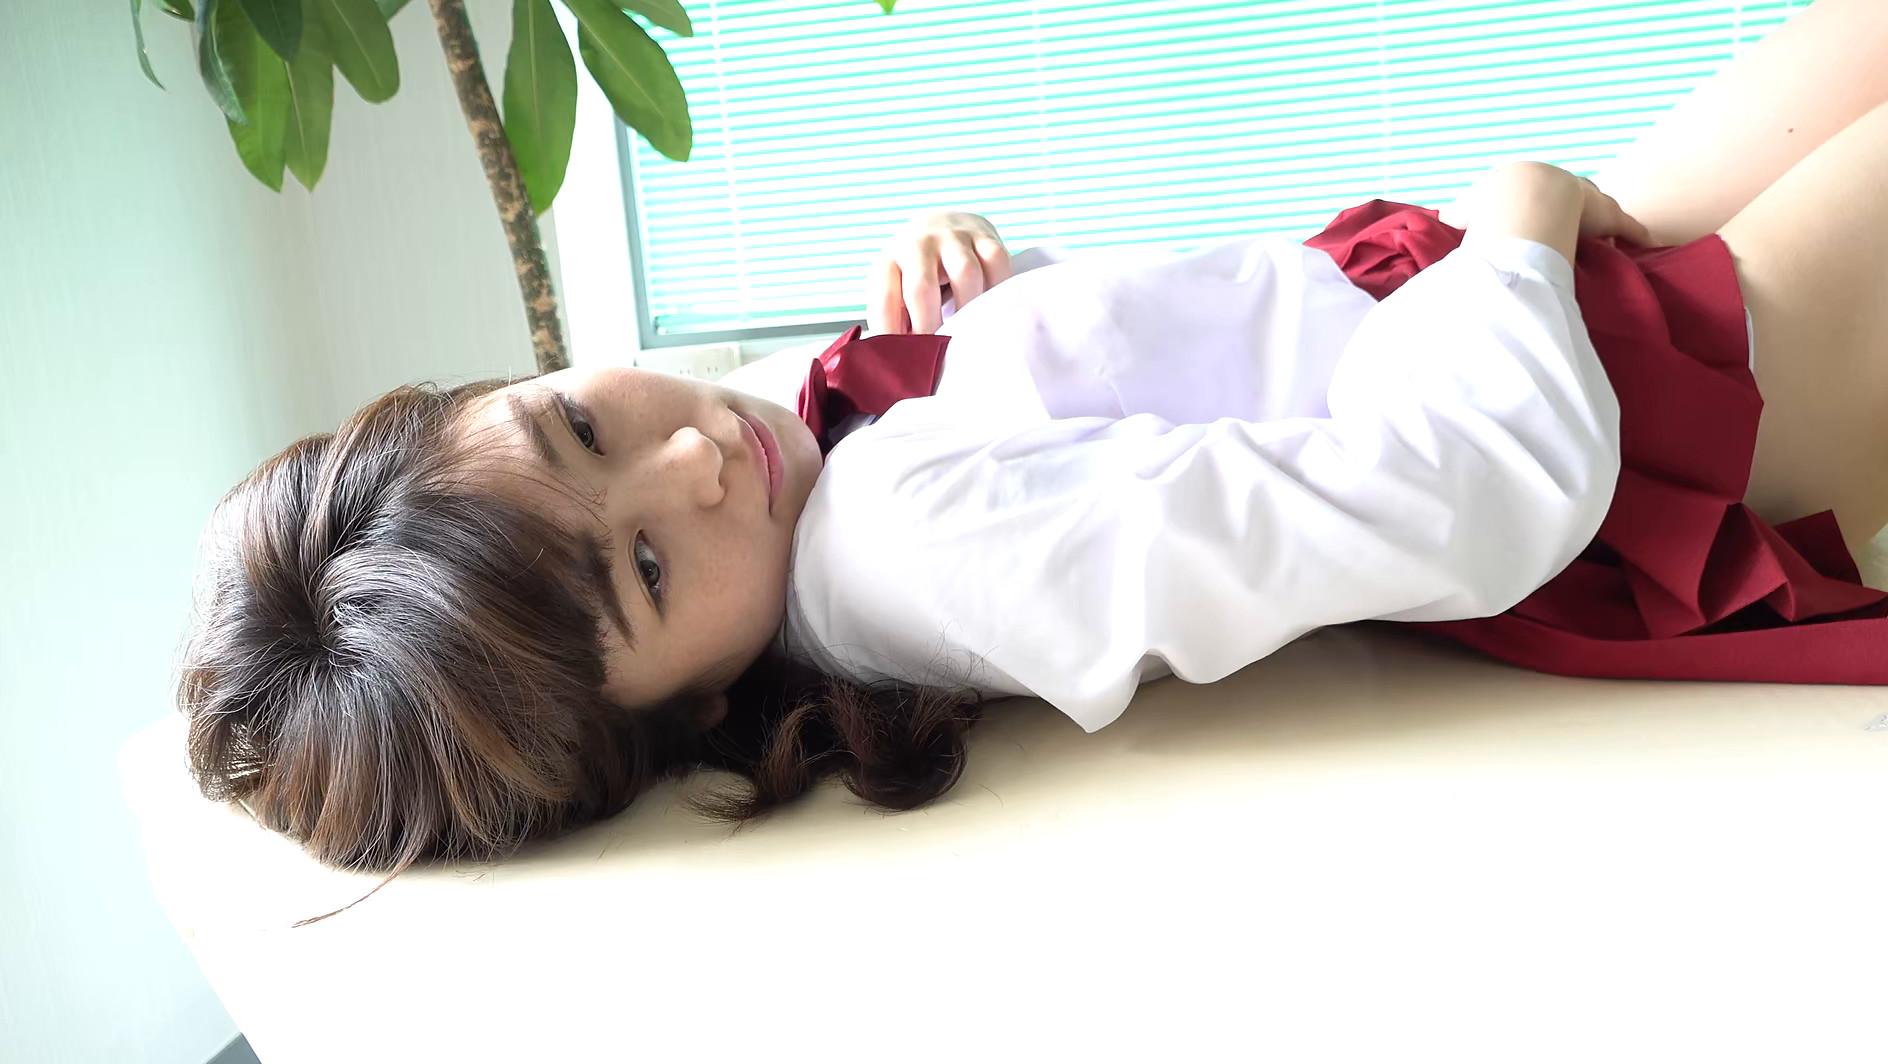 ロ●ータ 椎菜アリス Ⅱ 画像4